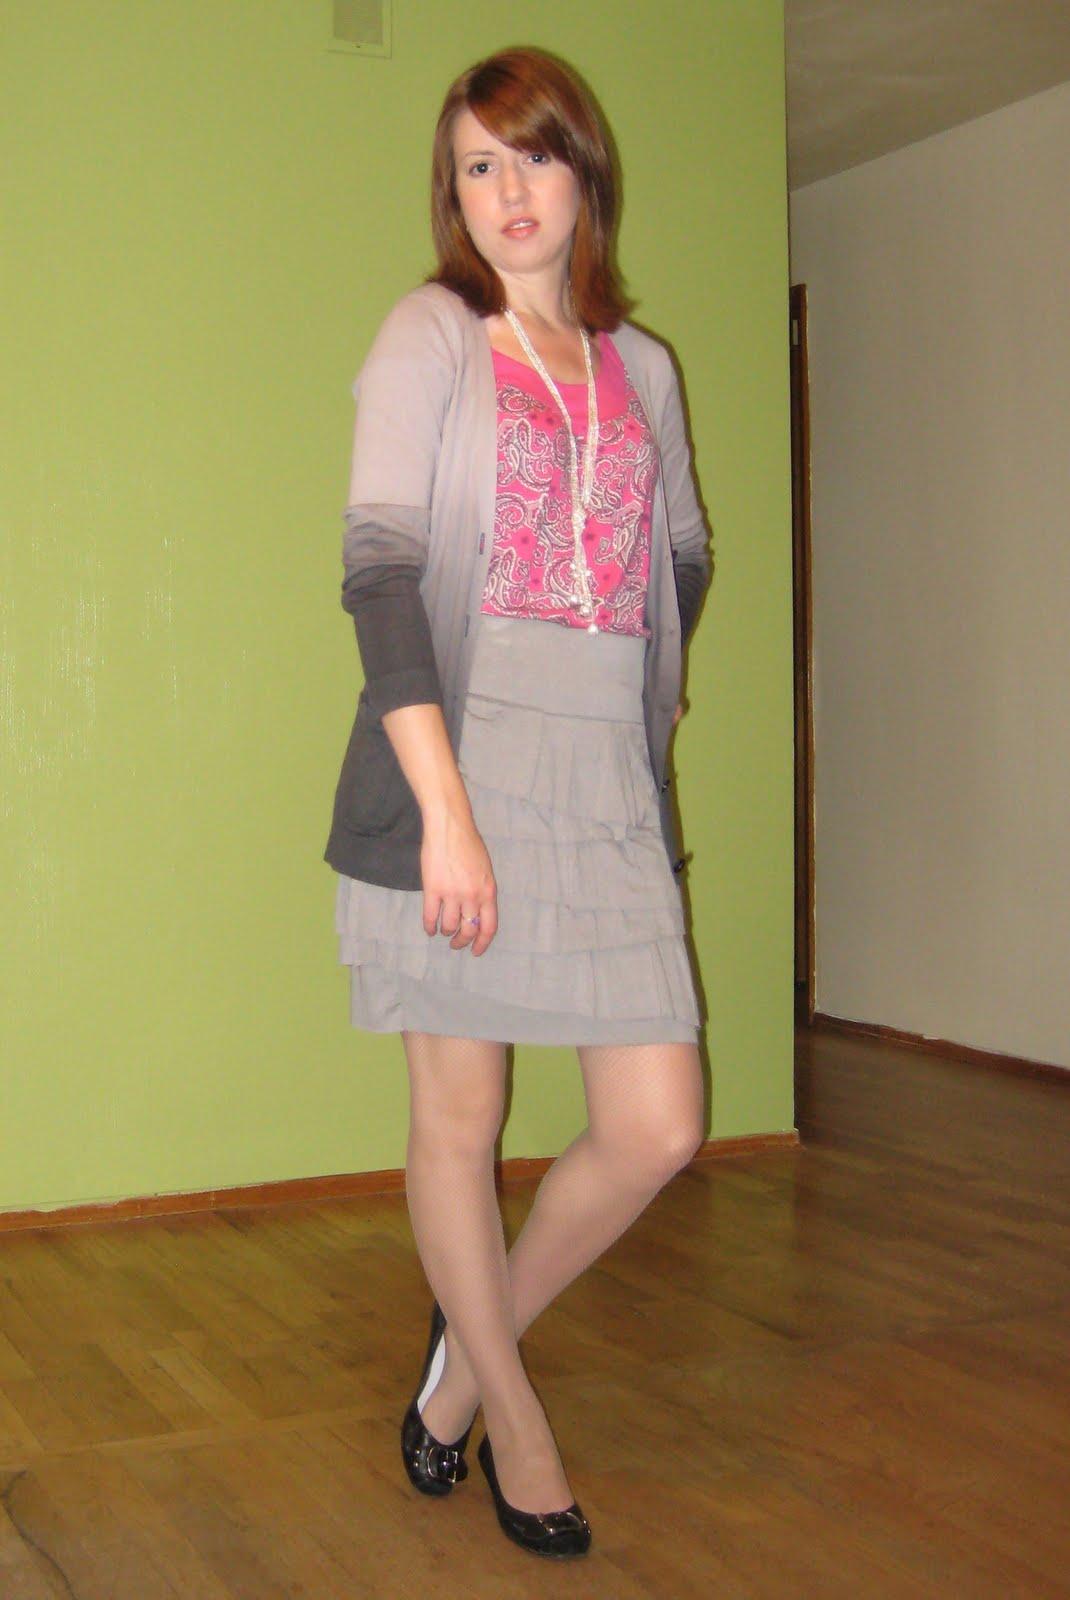 http://4.bp.blogspot.com/_yQe8-vpS_jk/TI0P5u9CMlI/AAAAAAAACxk/d-F4WHap07A/s1600/gray_ruffle_skirt+%288%29.JPG